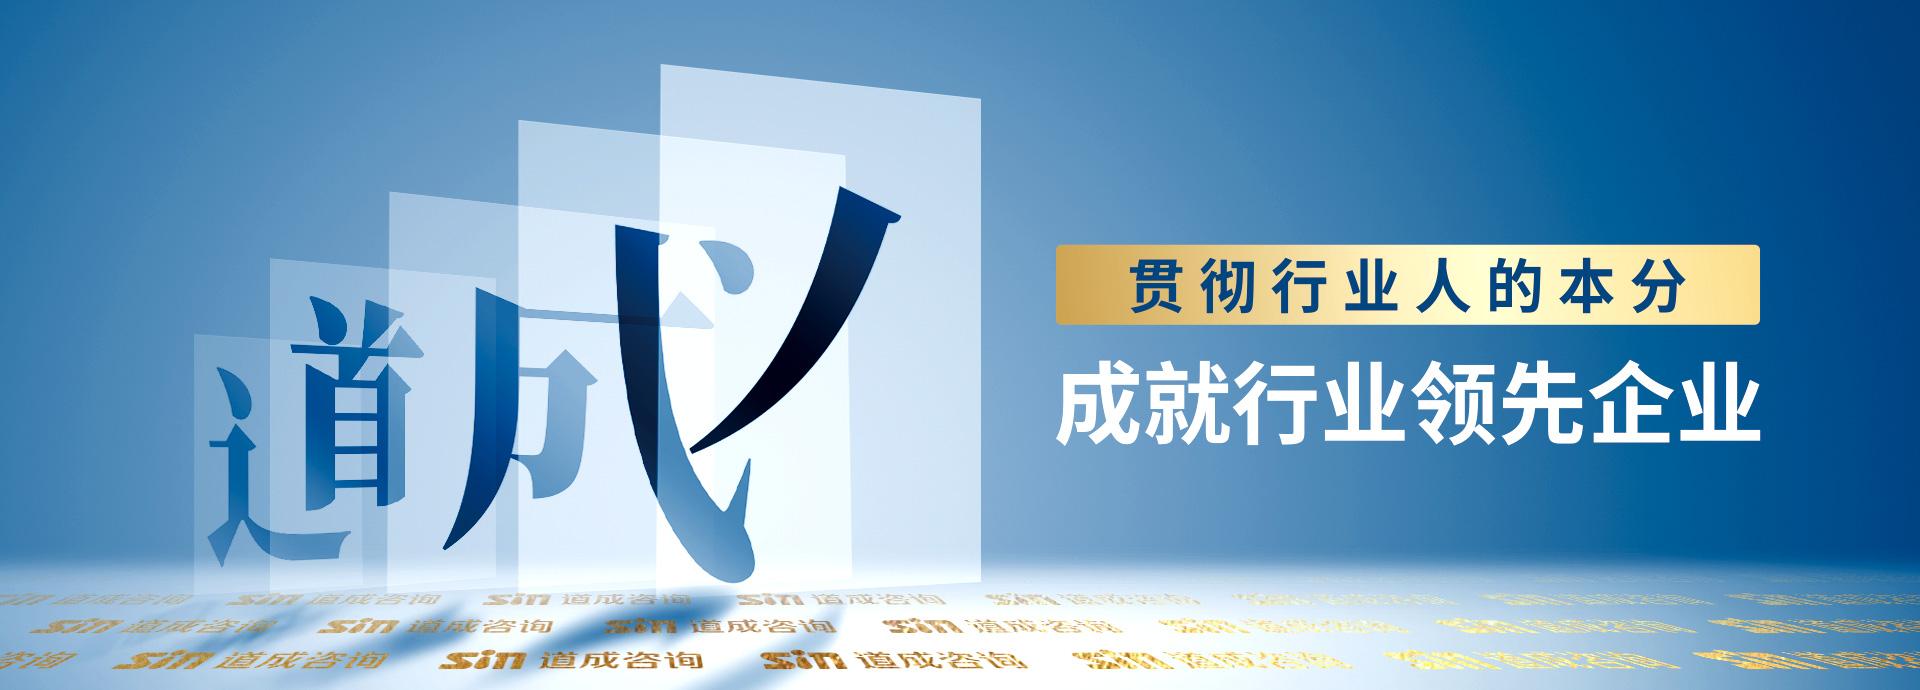 广州道成咨询-阿米巴咨询公司道成简介-联系我们banner